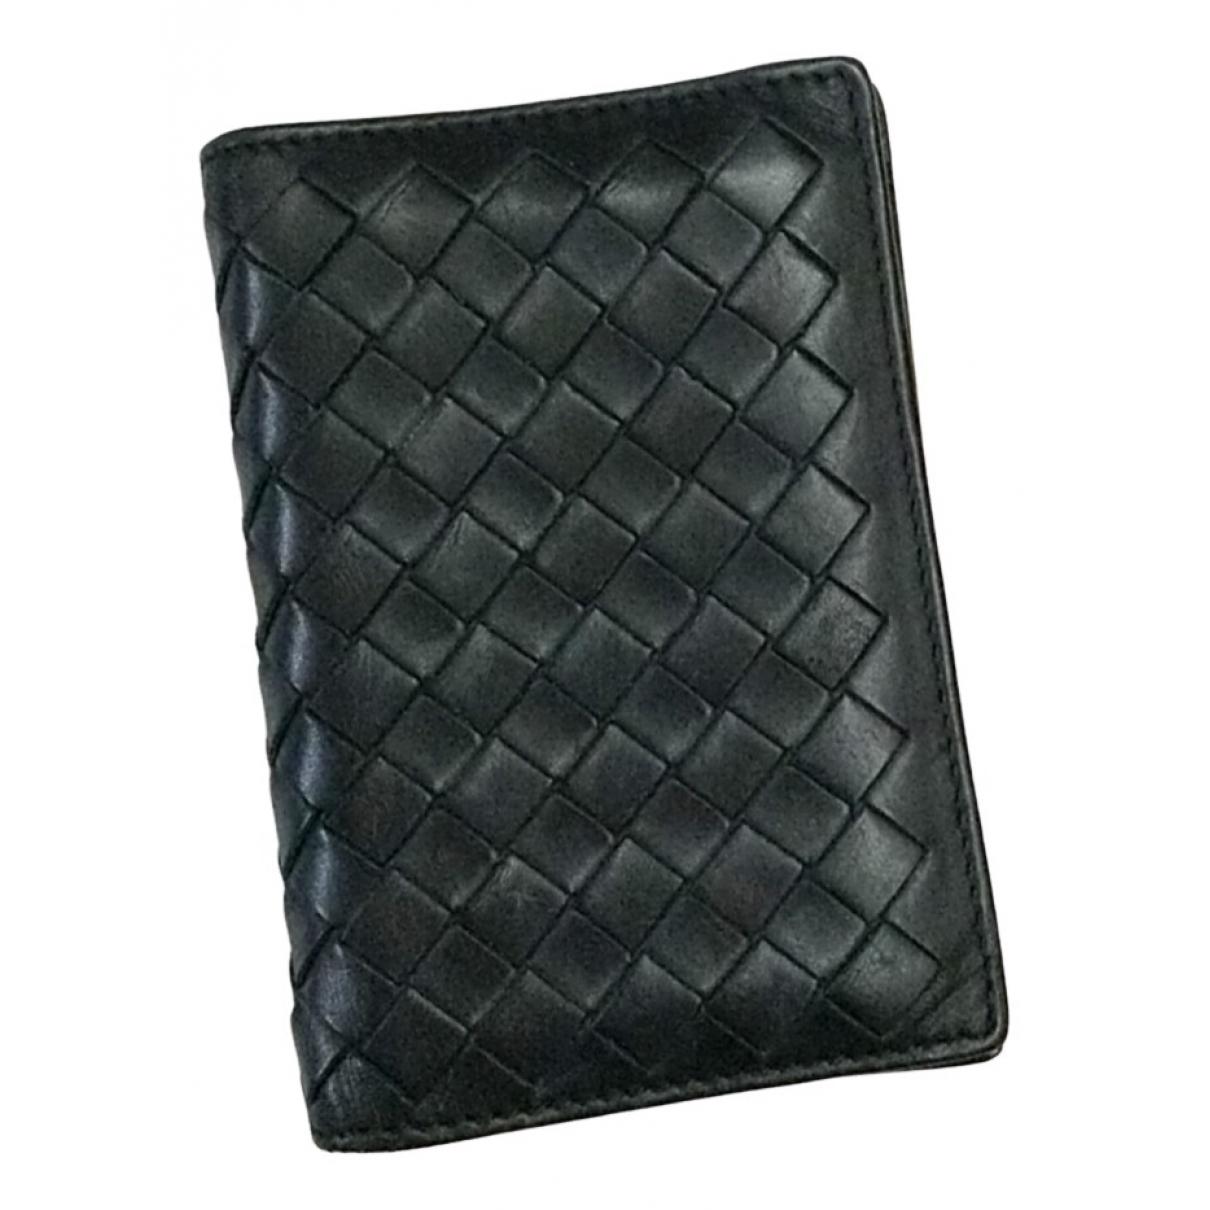 Bottega Veneta N Black Leather Purses, wallet & cases for Women N